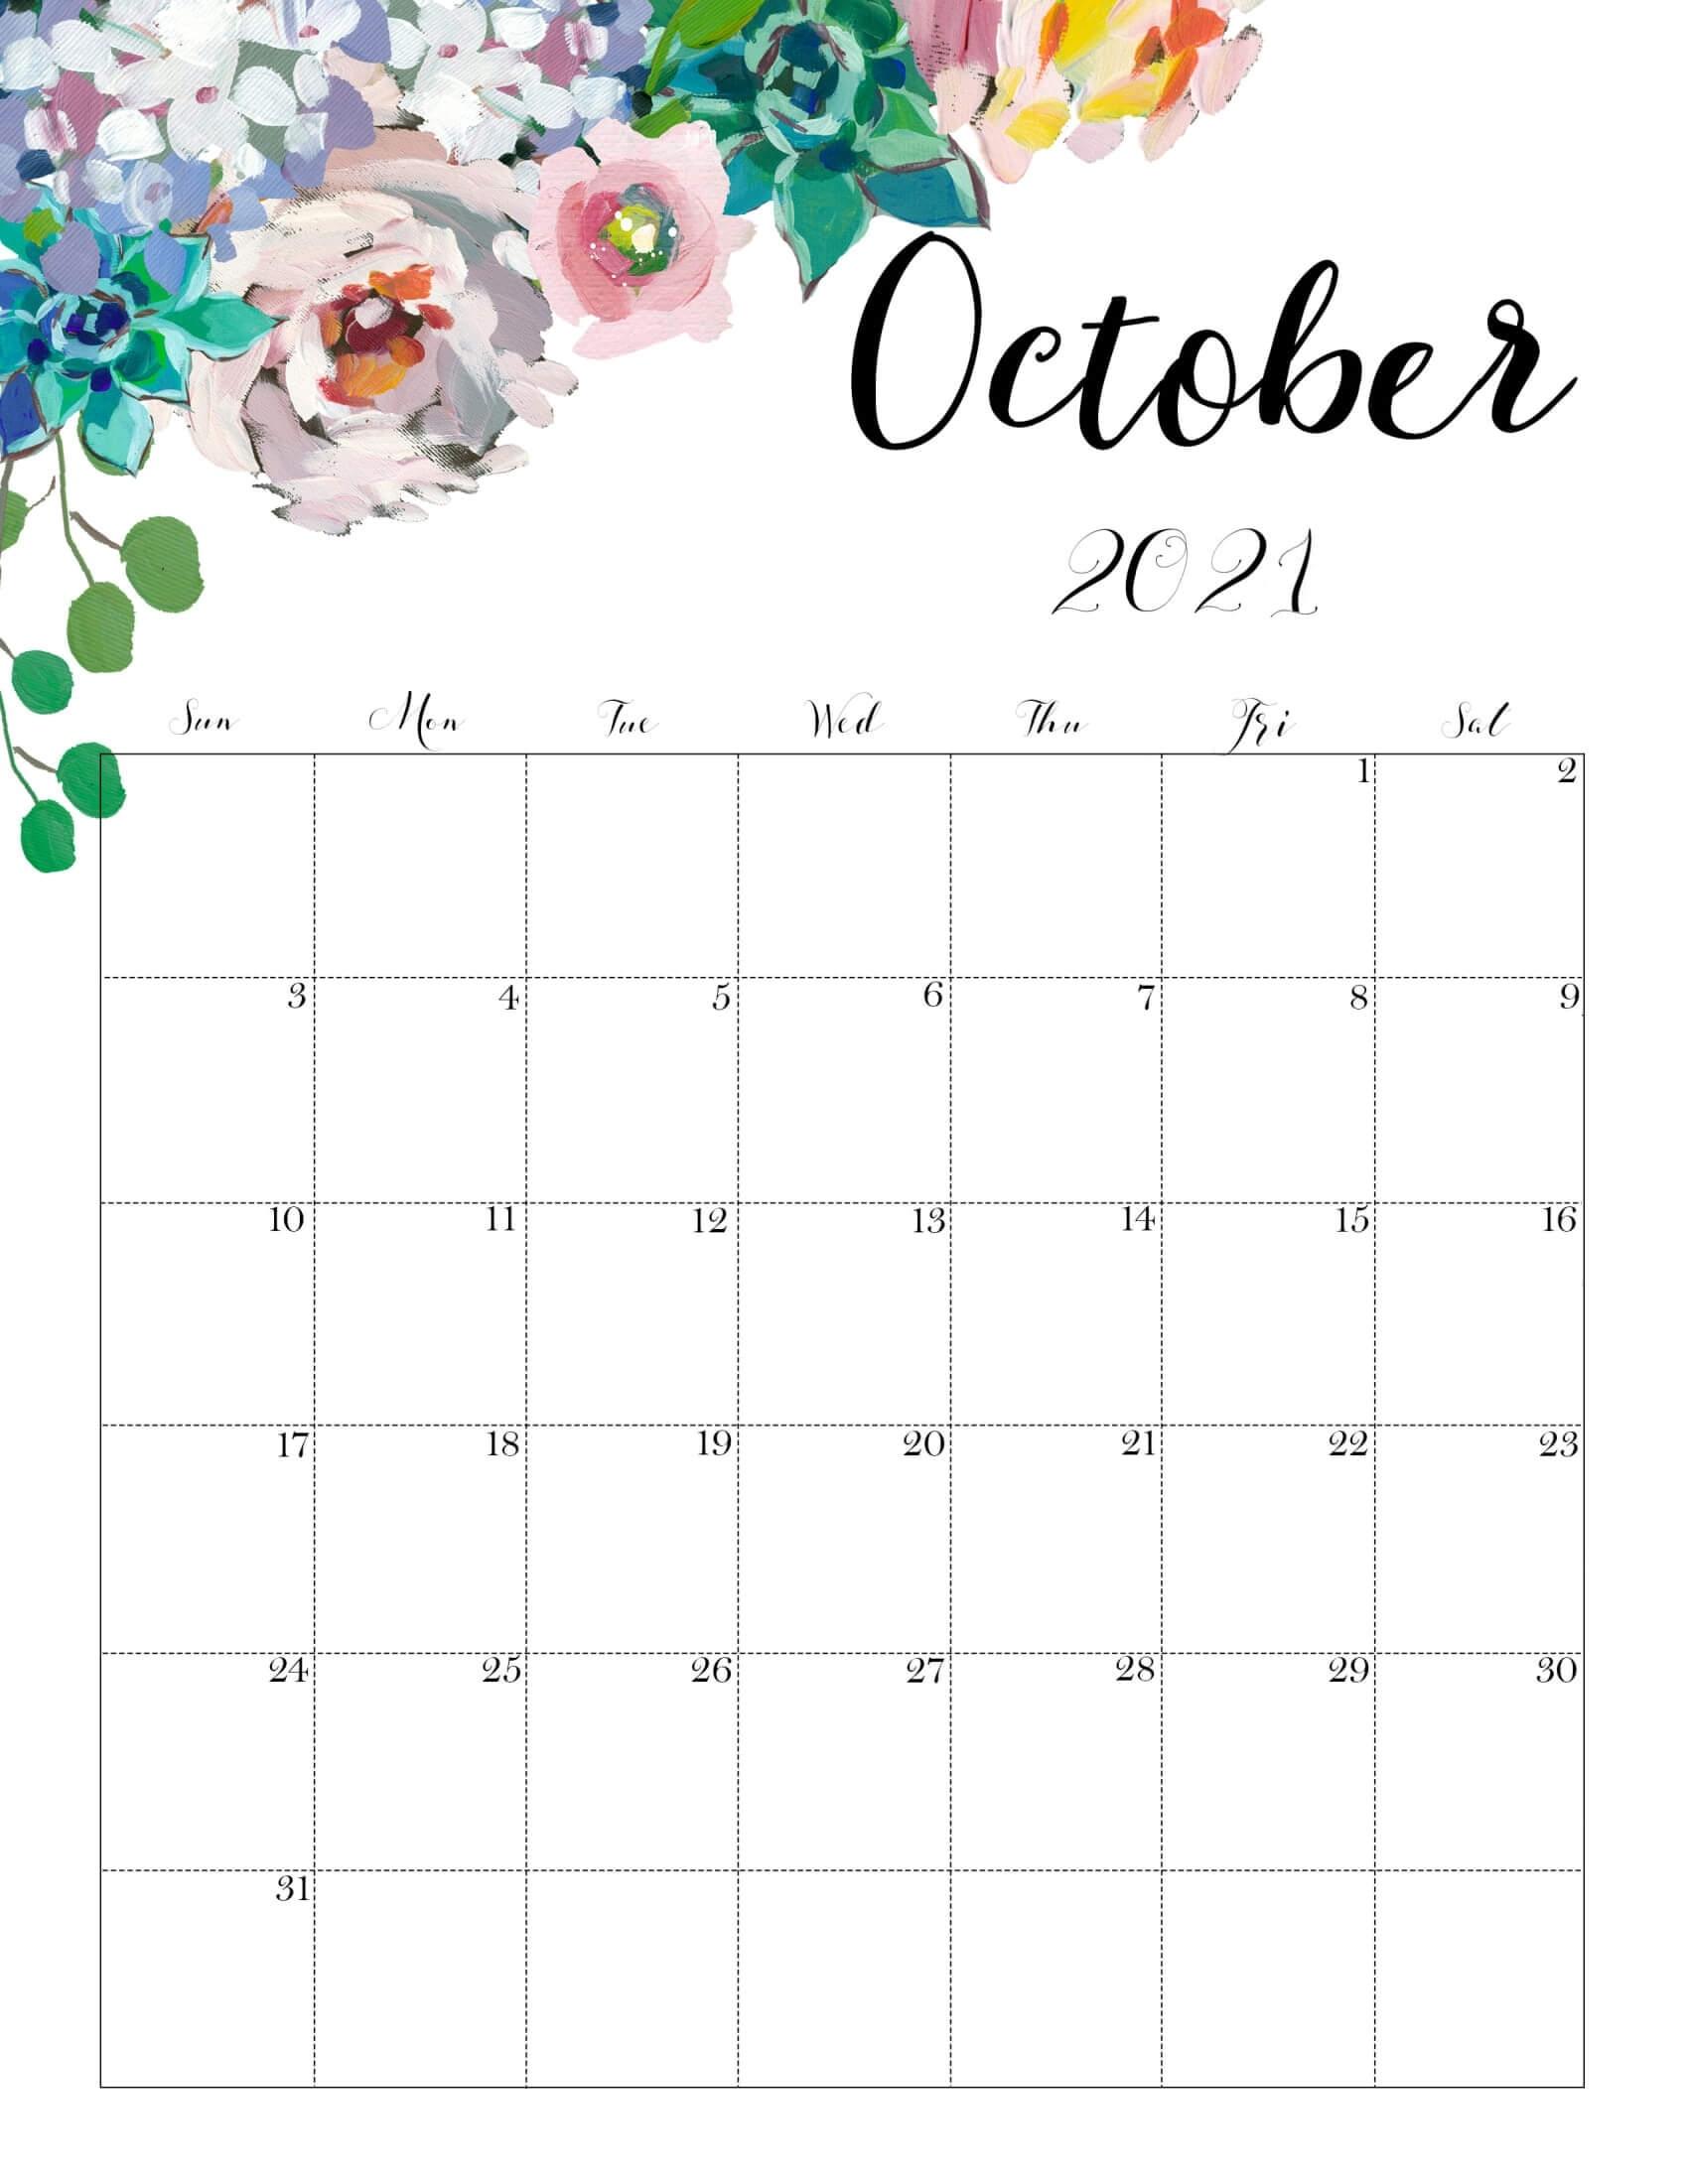 Cute October 2021 Calendar Desk & Wall - Time Management Tips & Tools Cute October 2021 Calendar October 2021 Calendar Cute